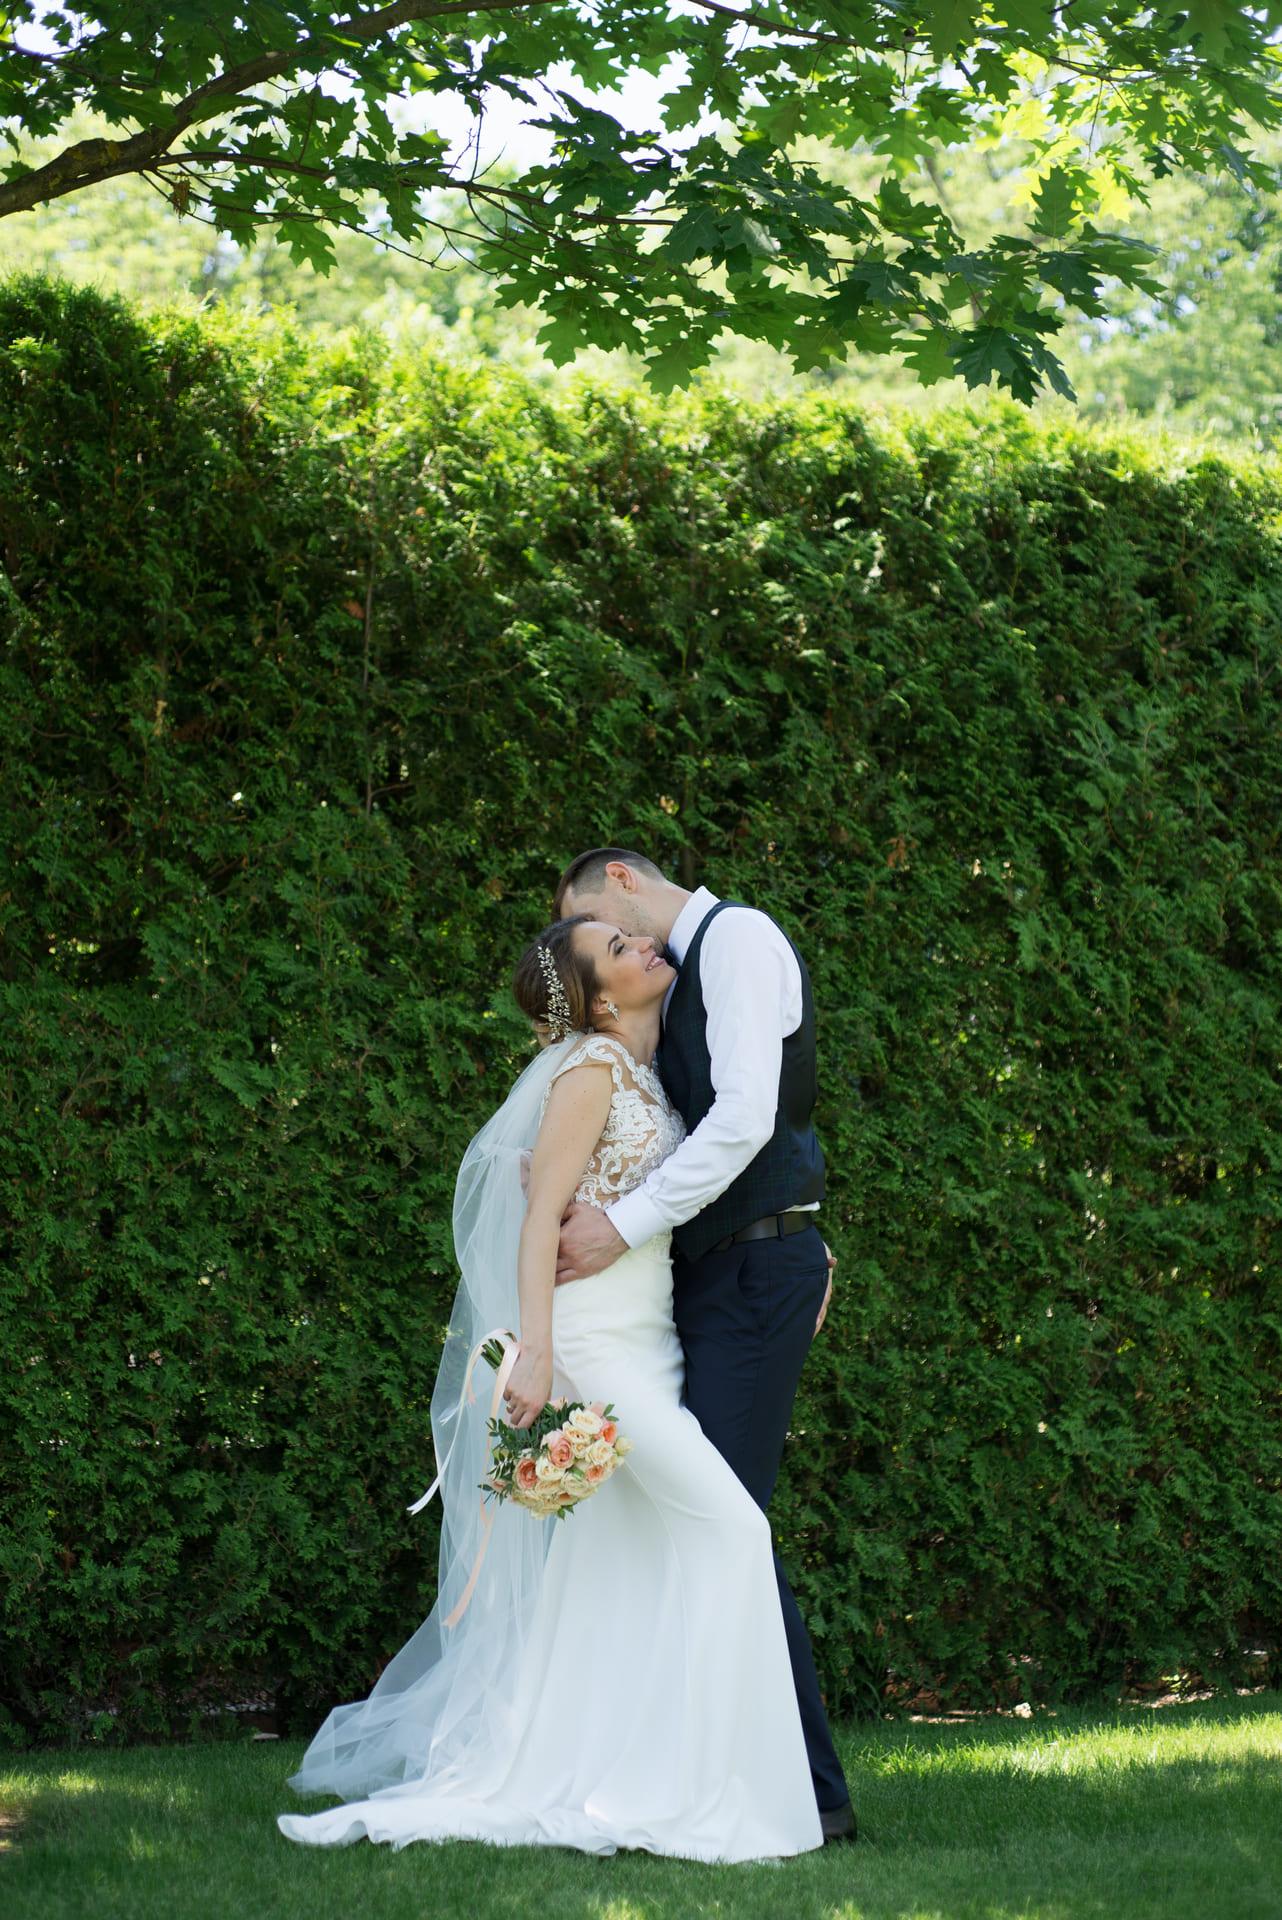 Свадебная фотосессия в Межигорье: Объятия в зеленых кустах